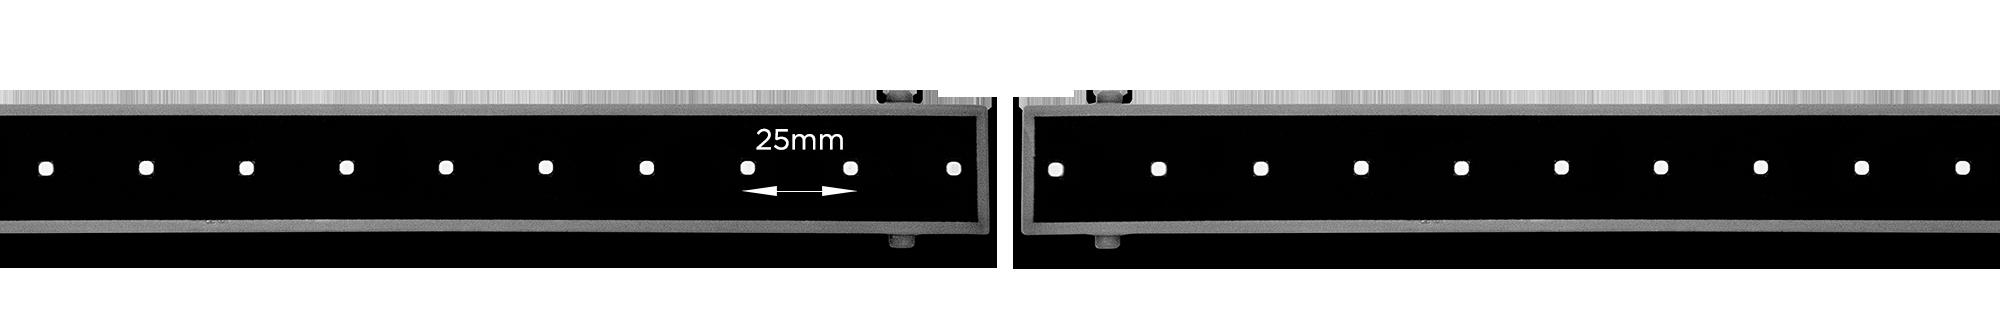 25mm Pixel Pitch